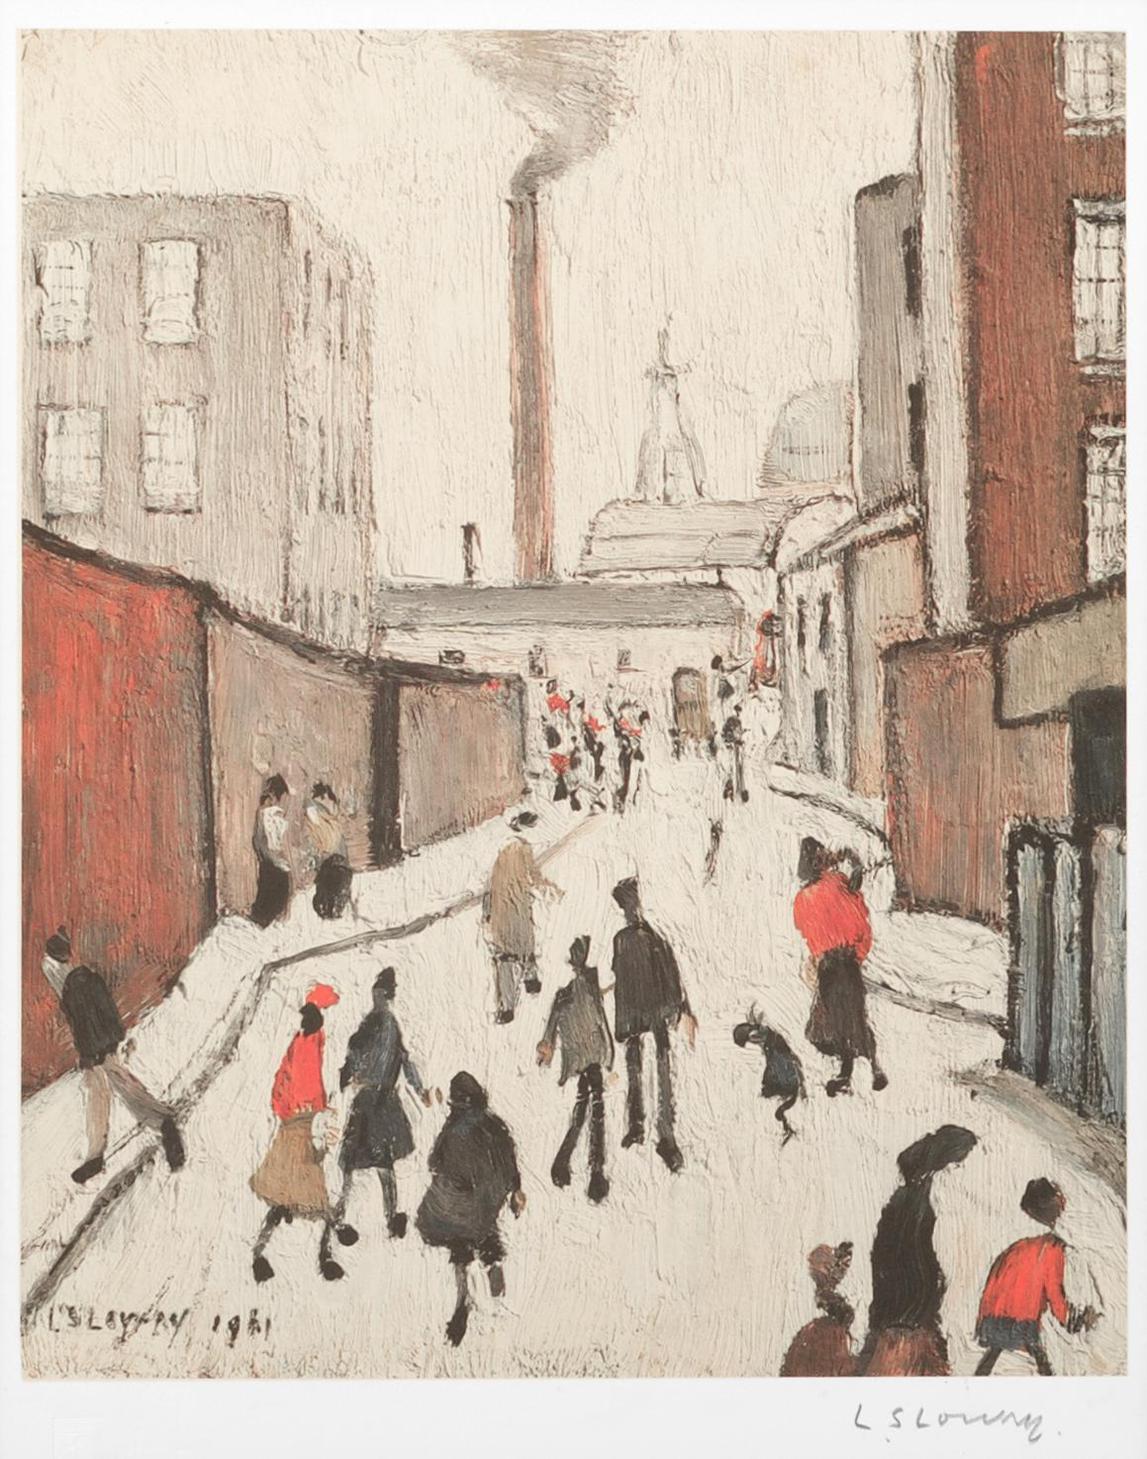 Laurence Stephen Lowry-Street Scene, Near A Factory-